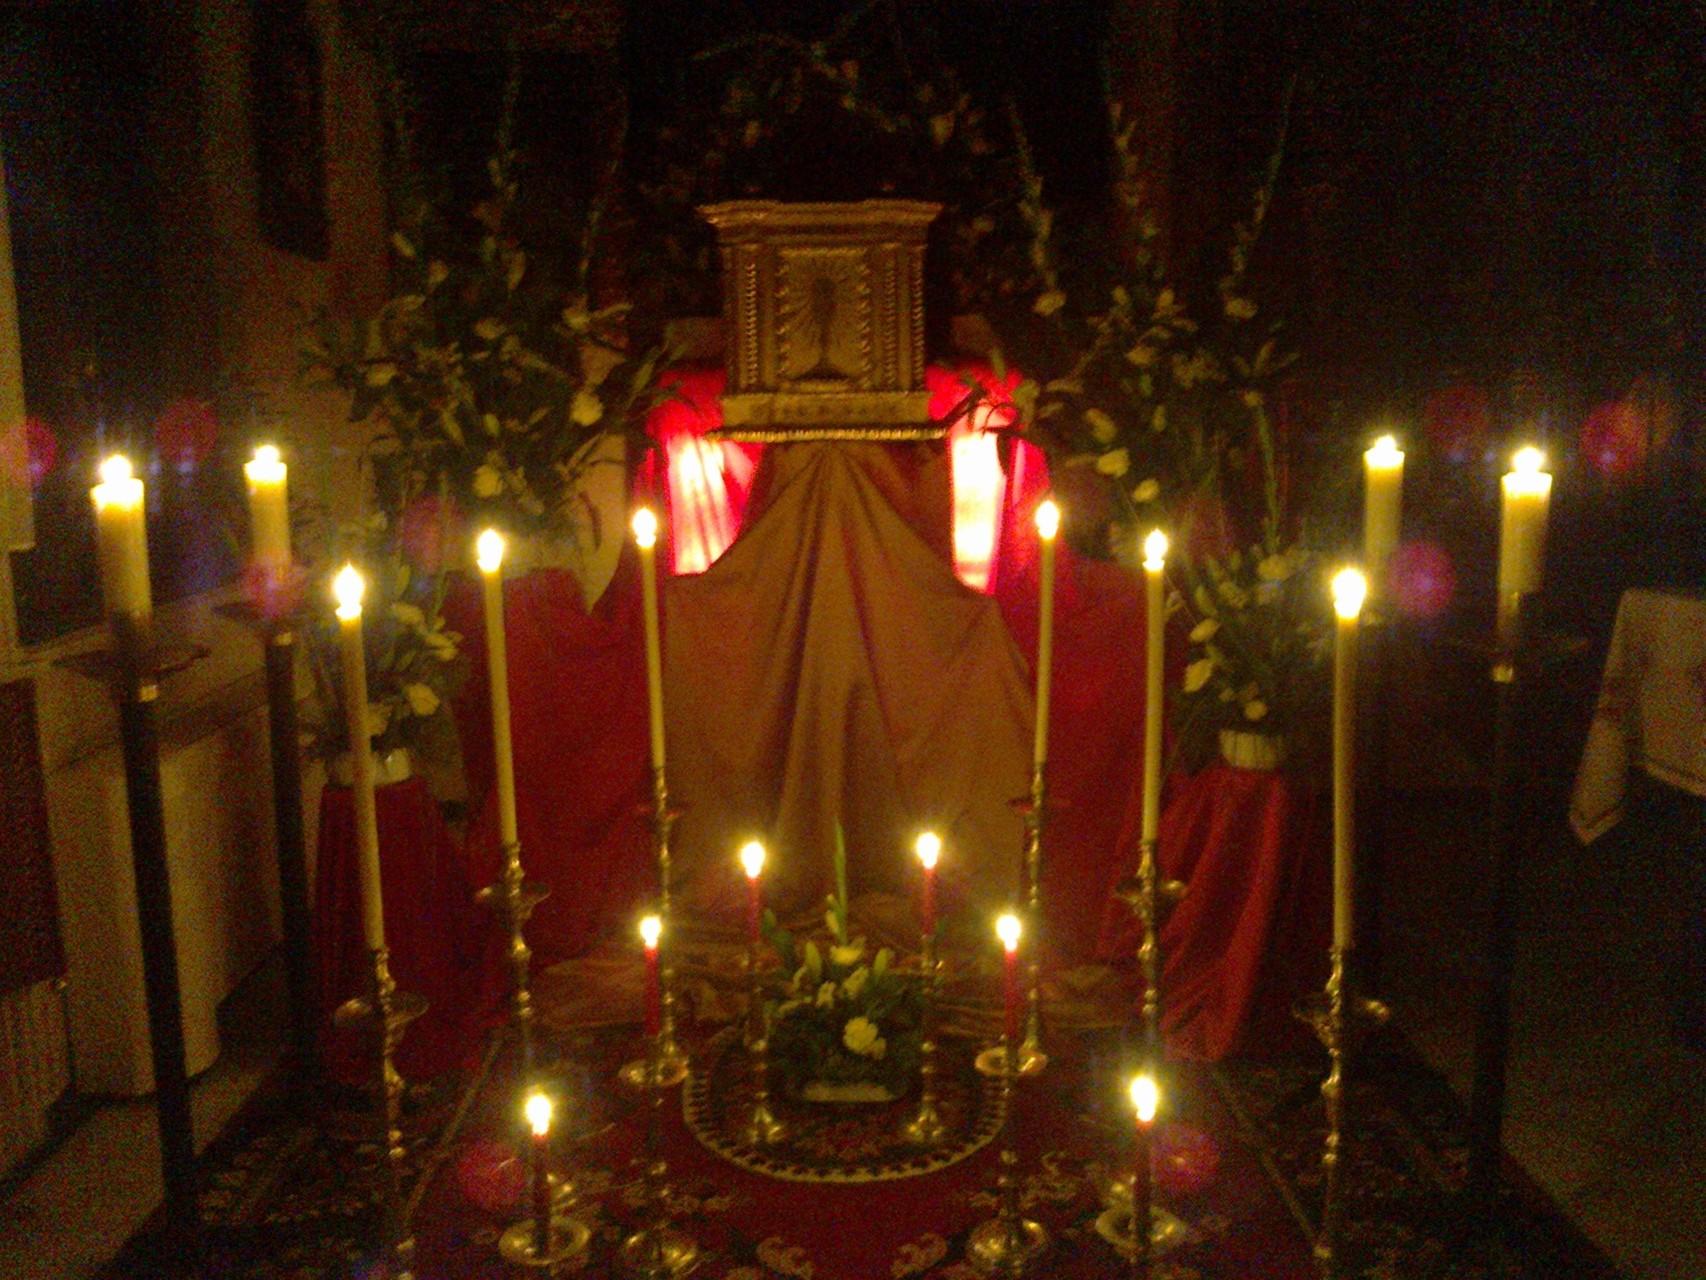 Adoración nocturna en la noche del Jueves Santo.